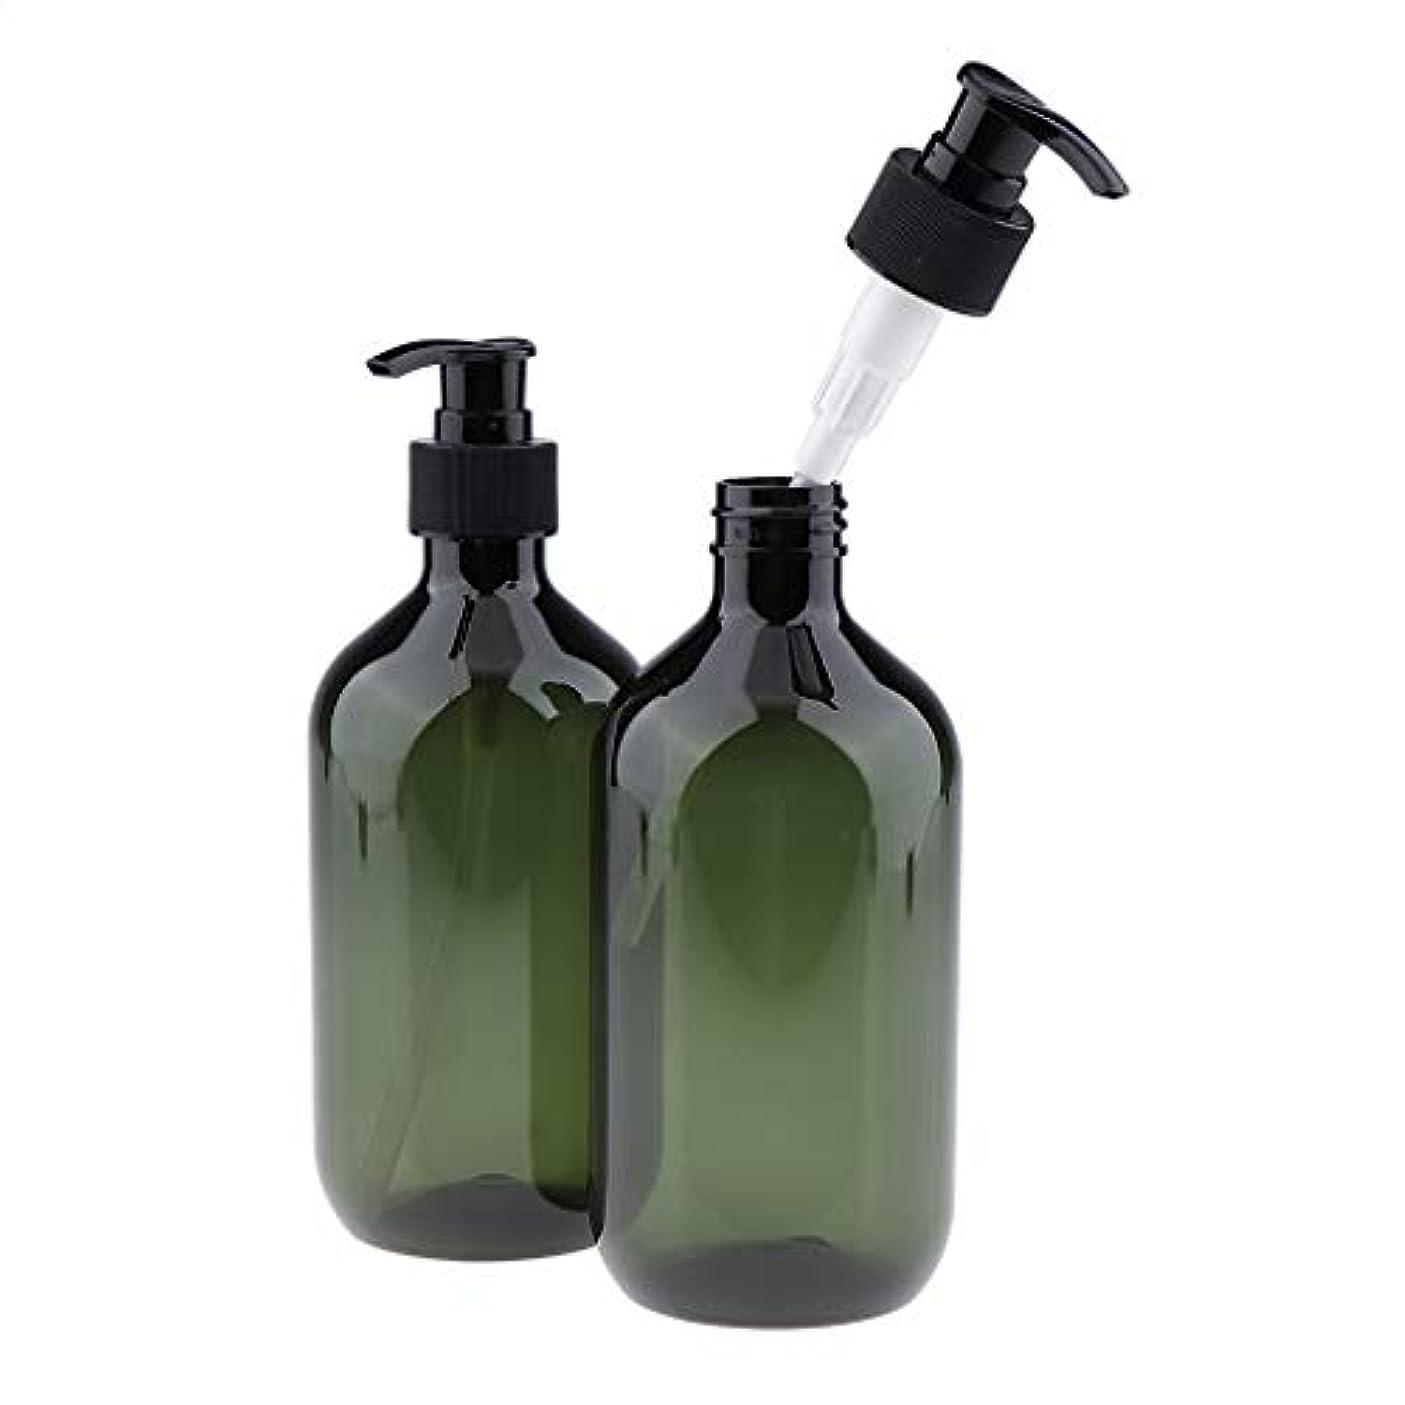 対カバーフランクワースリー2パック16オンス詰め替え空の耐久性のあるプラスチック製のシャンプー&コンディショナーポンプボトルセット - 緑